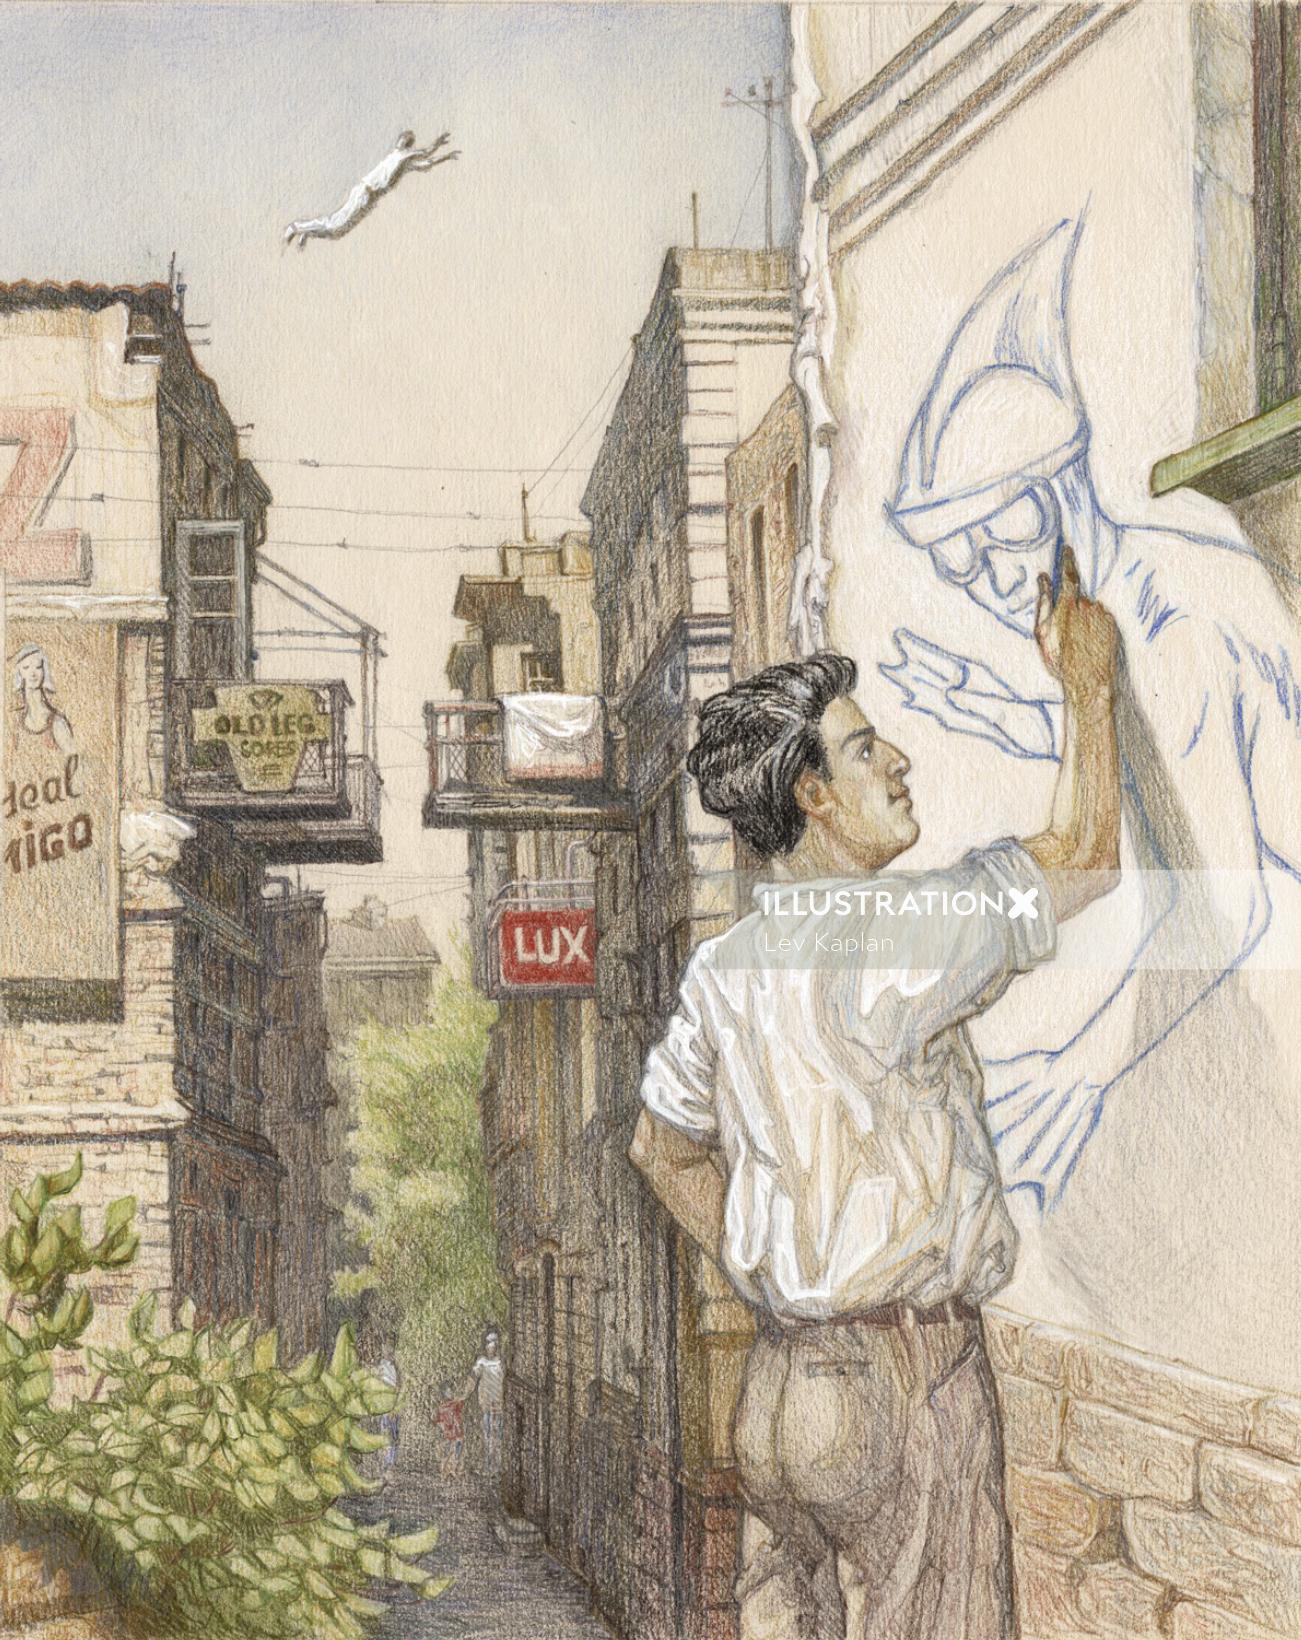 Man touching art on wall